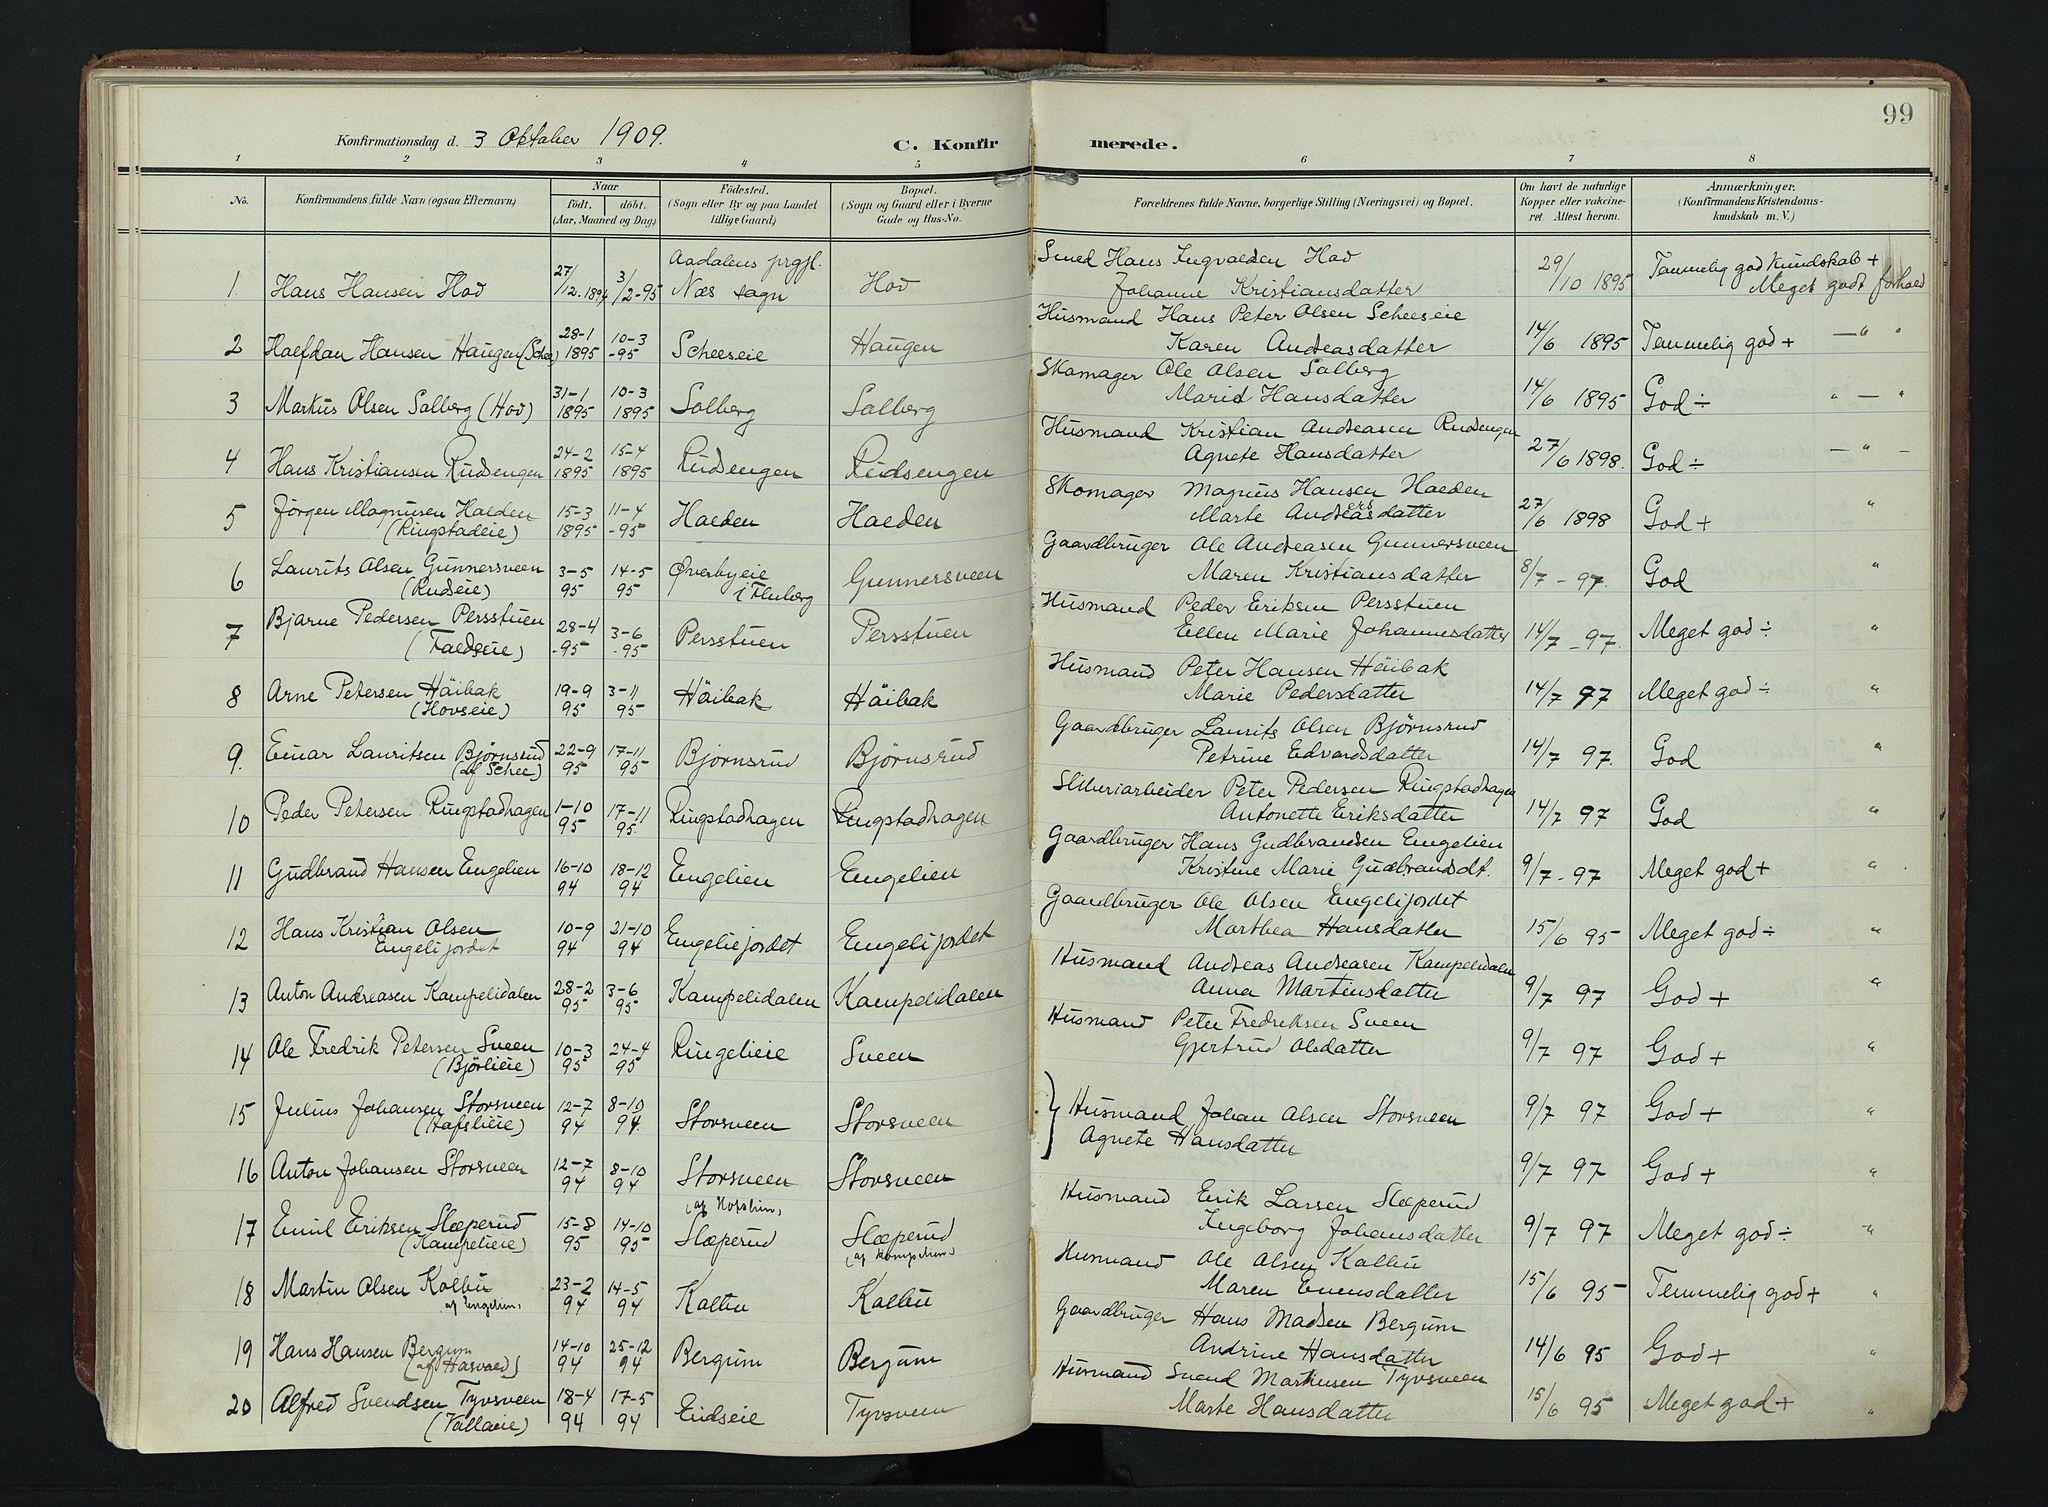 SAH, Søndre Land prestekontor, K/L0007: Ministerialbok nr. 7, 1905-1914, s. 99